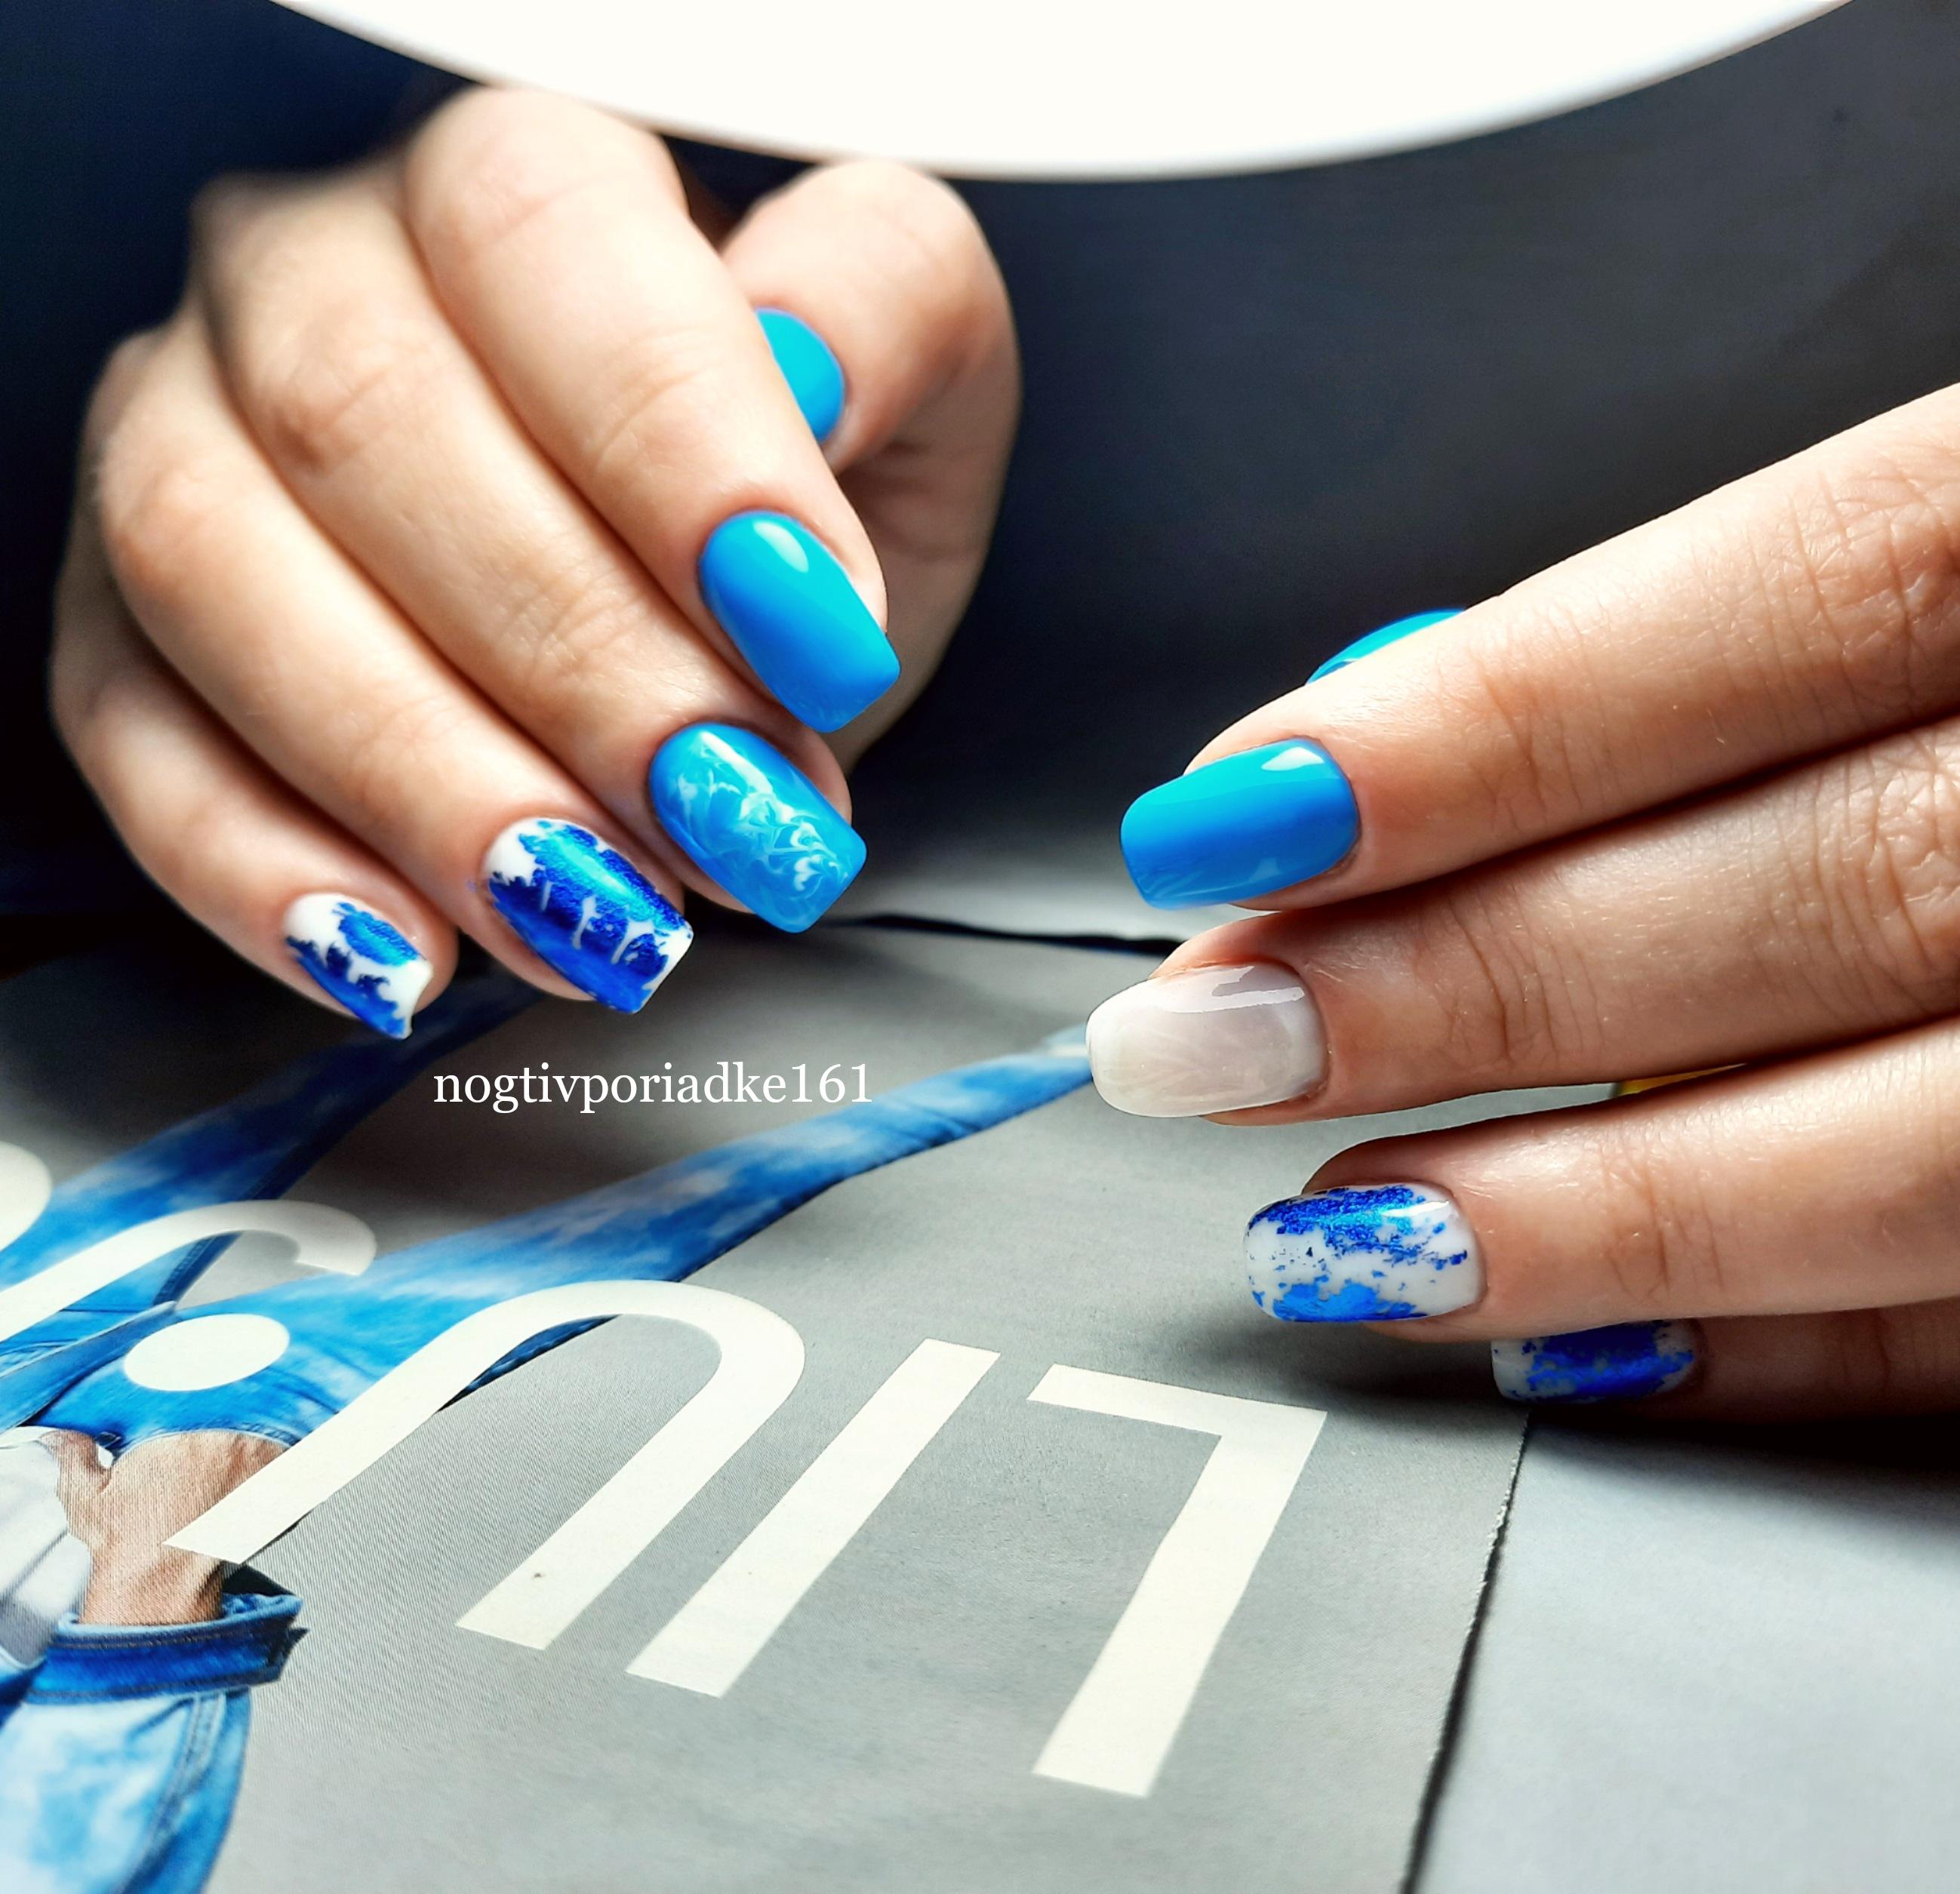 Маникюр с цветной фольгой в голубом цвете на короткие ногти.